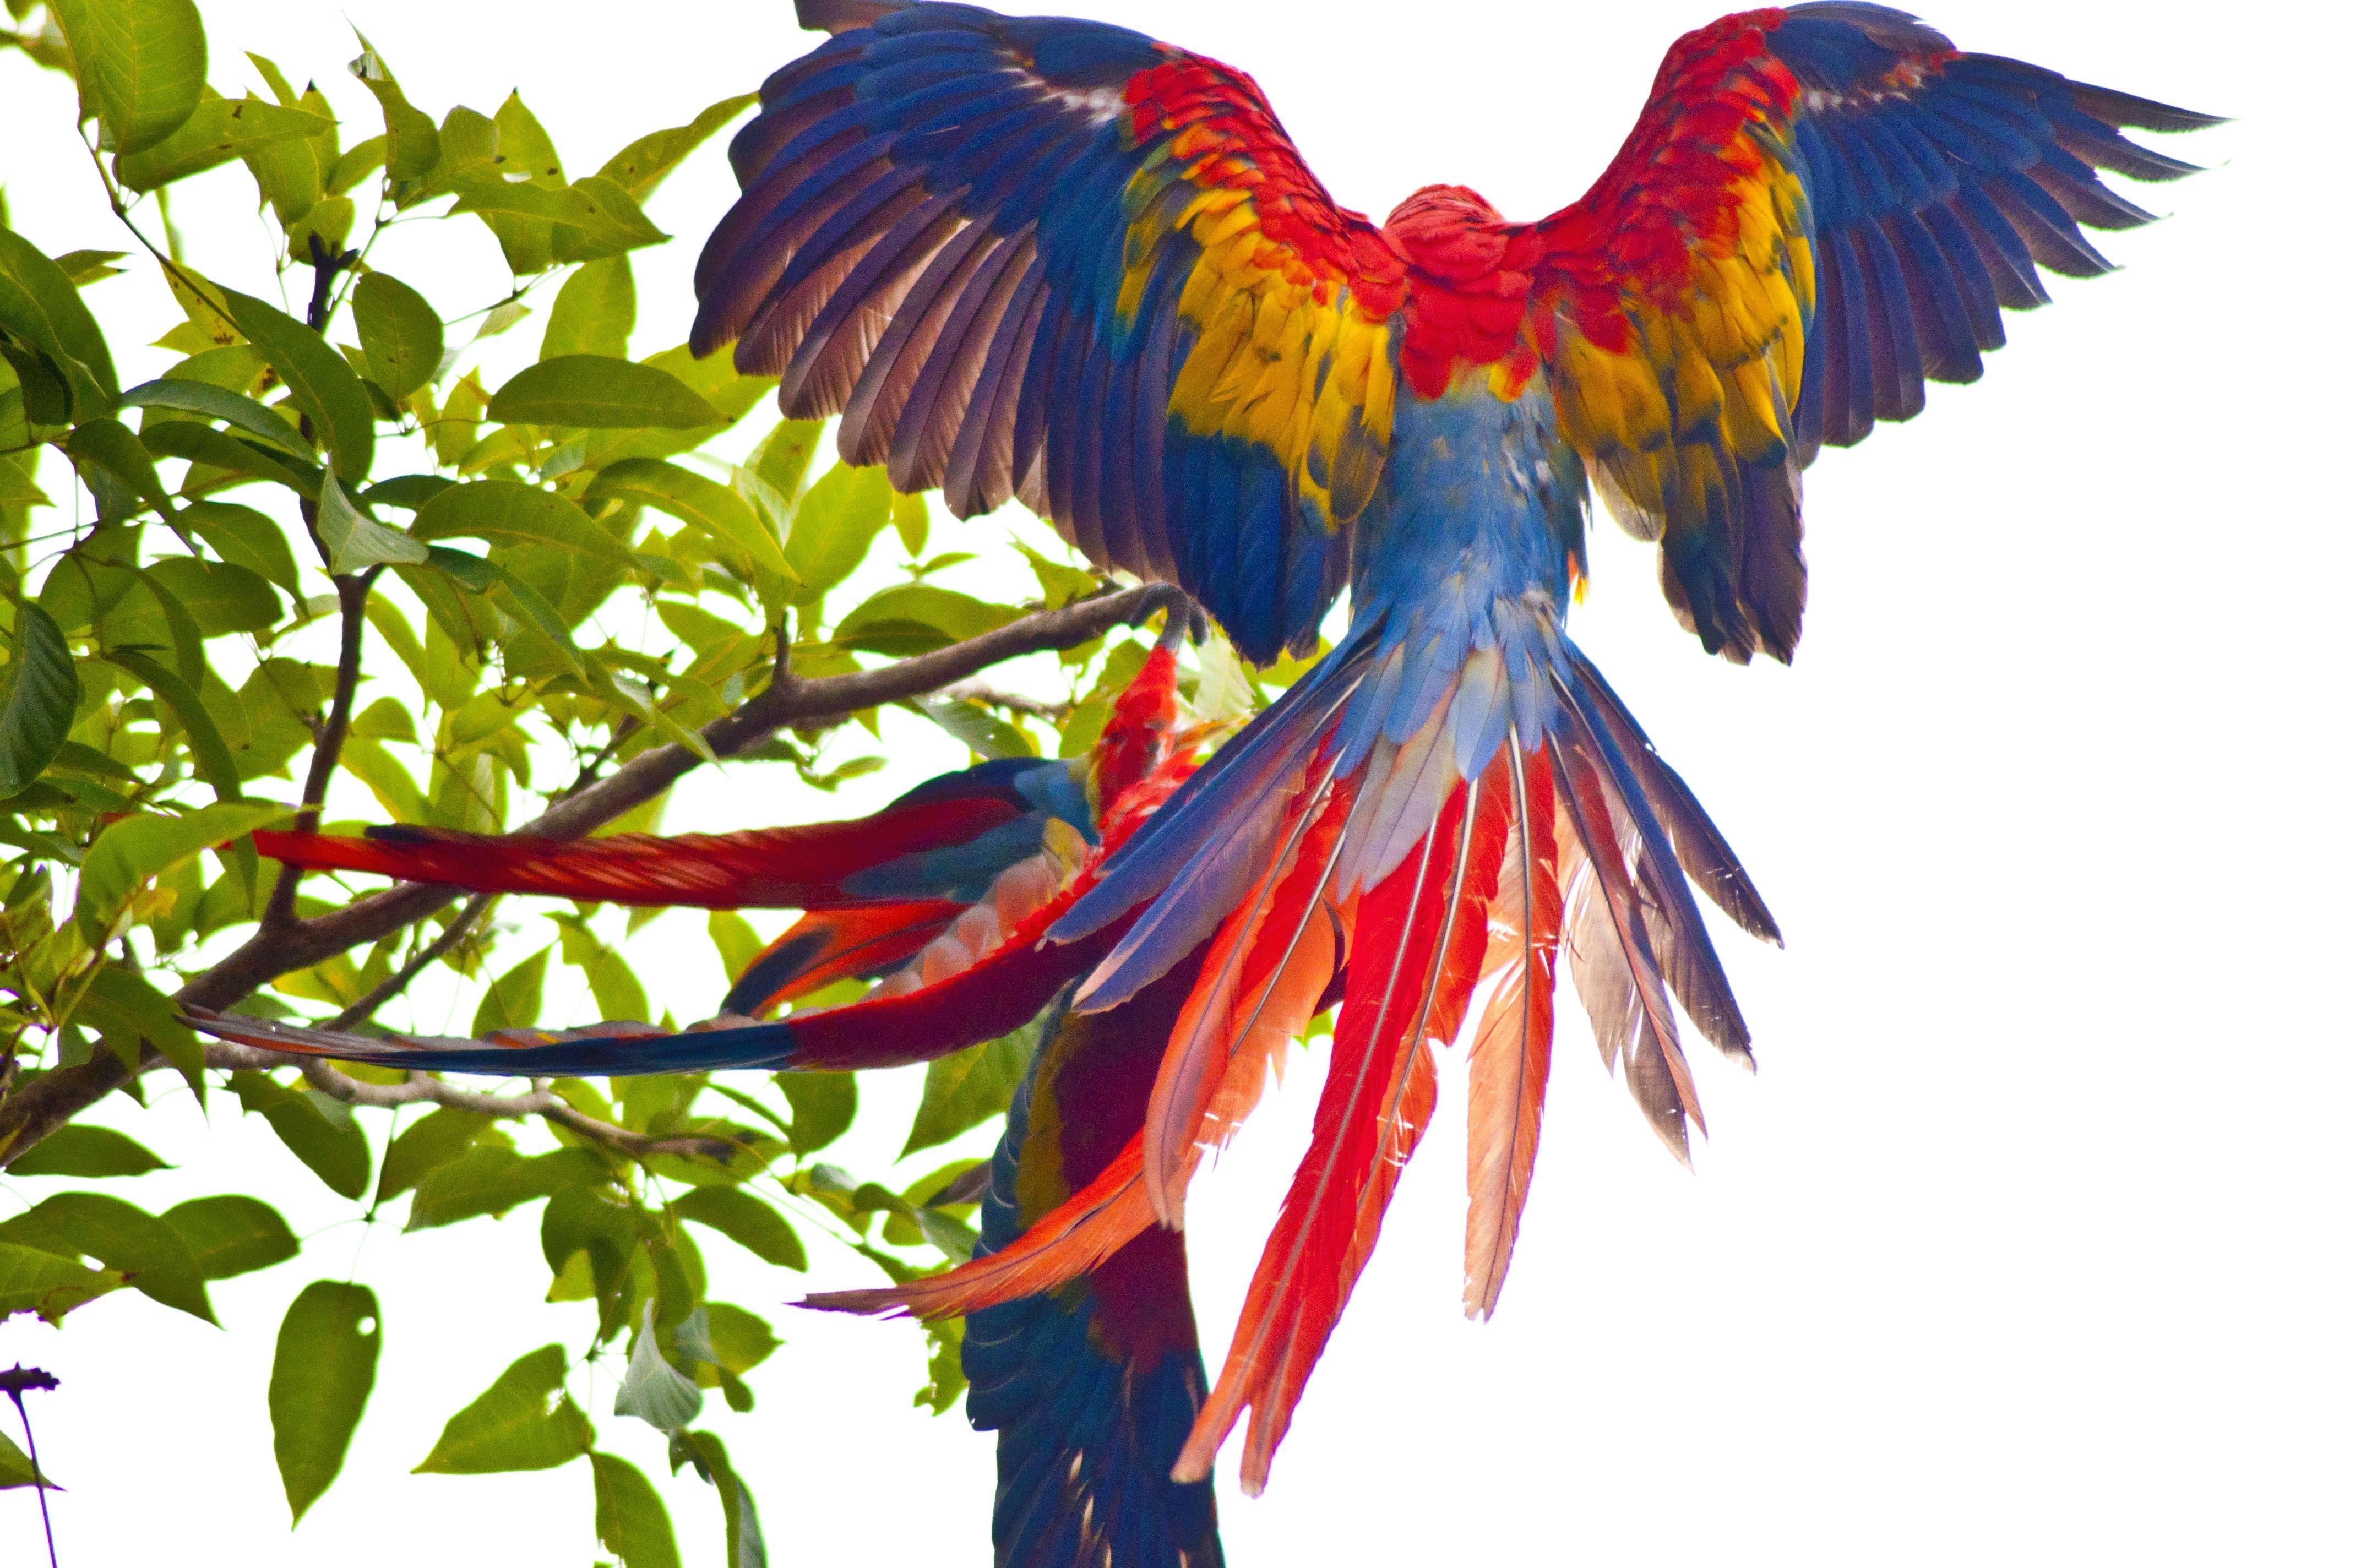 Parrots, trunk, birds, попугаев обои скачать